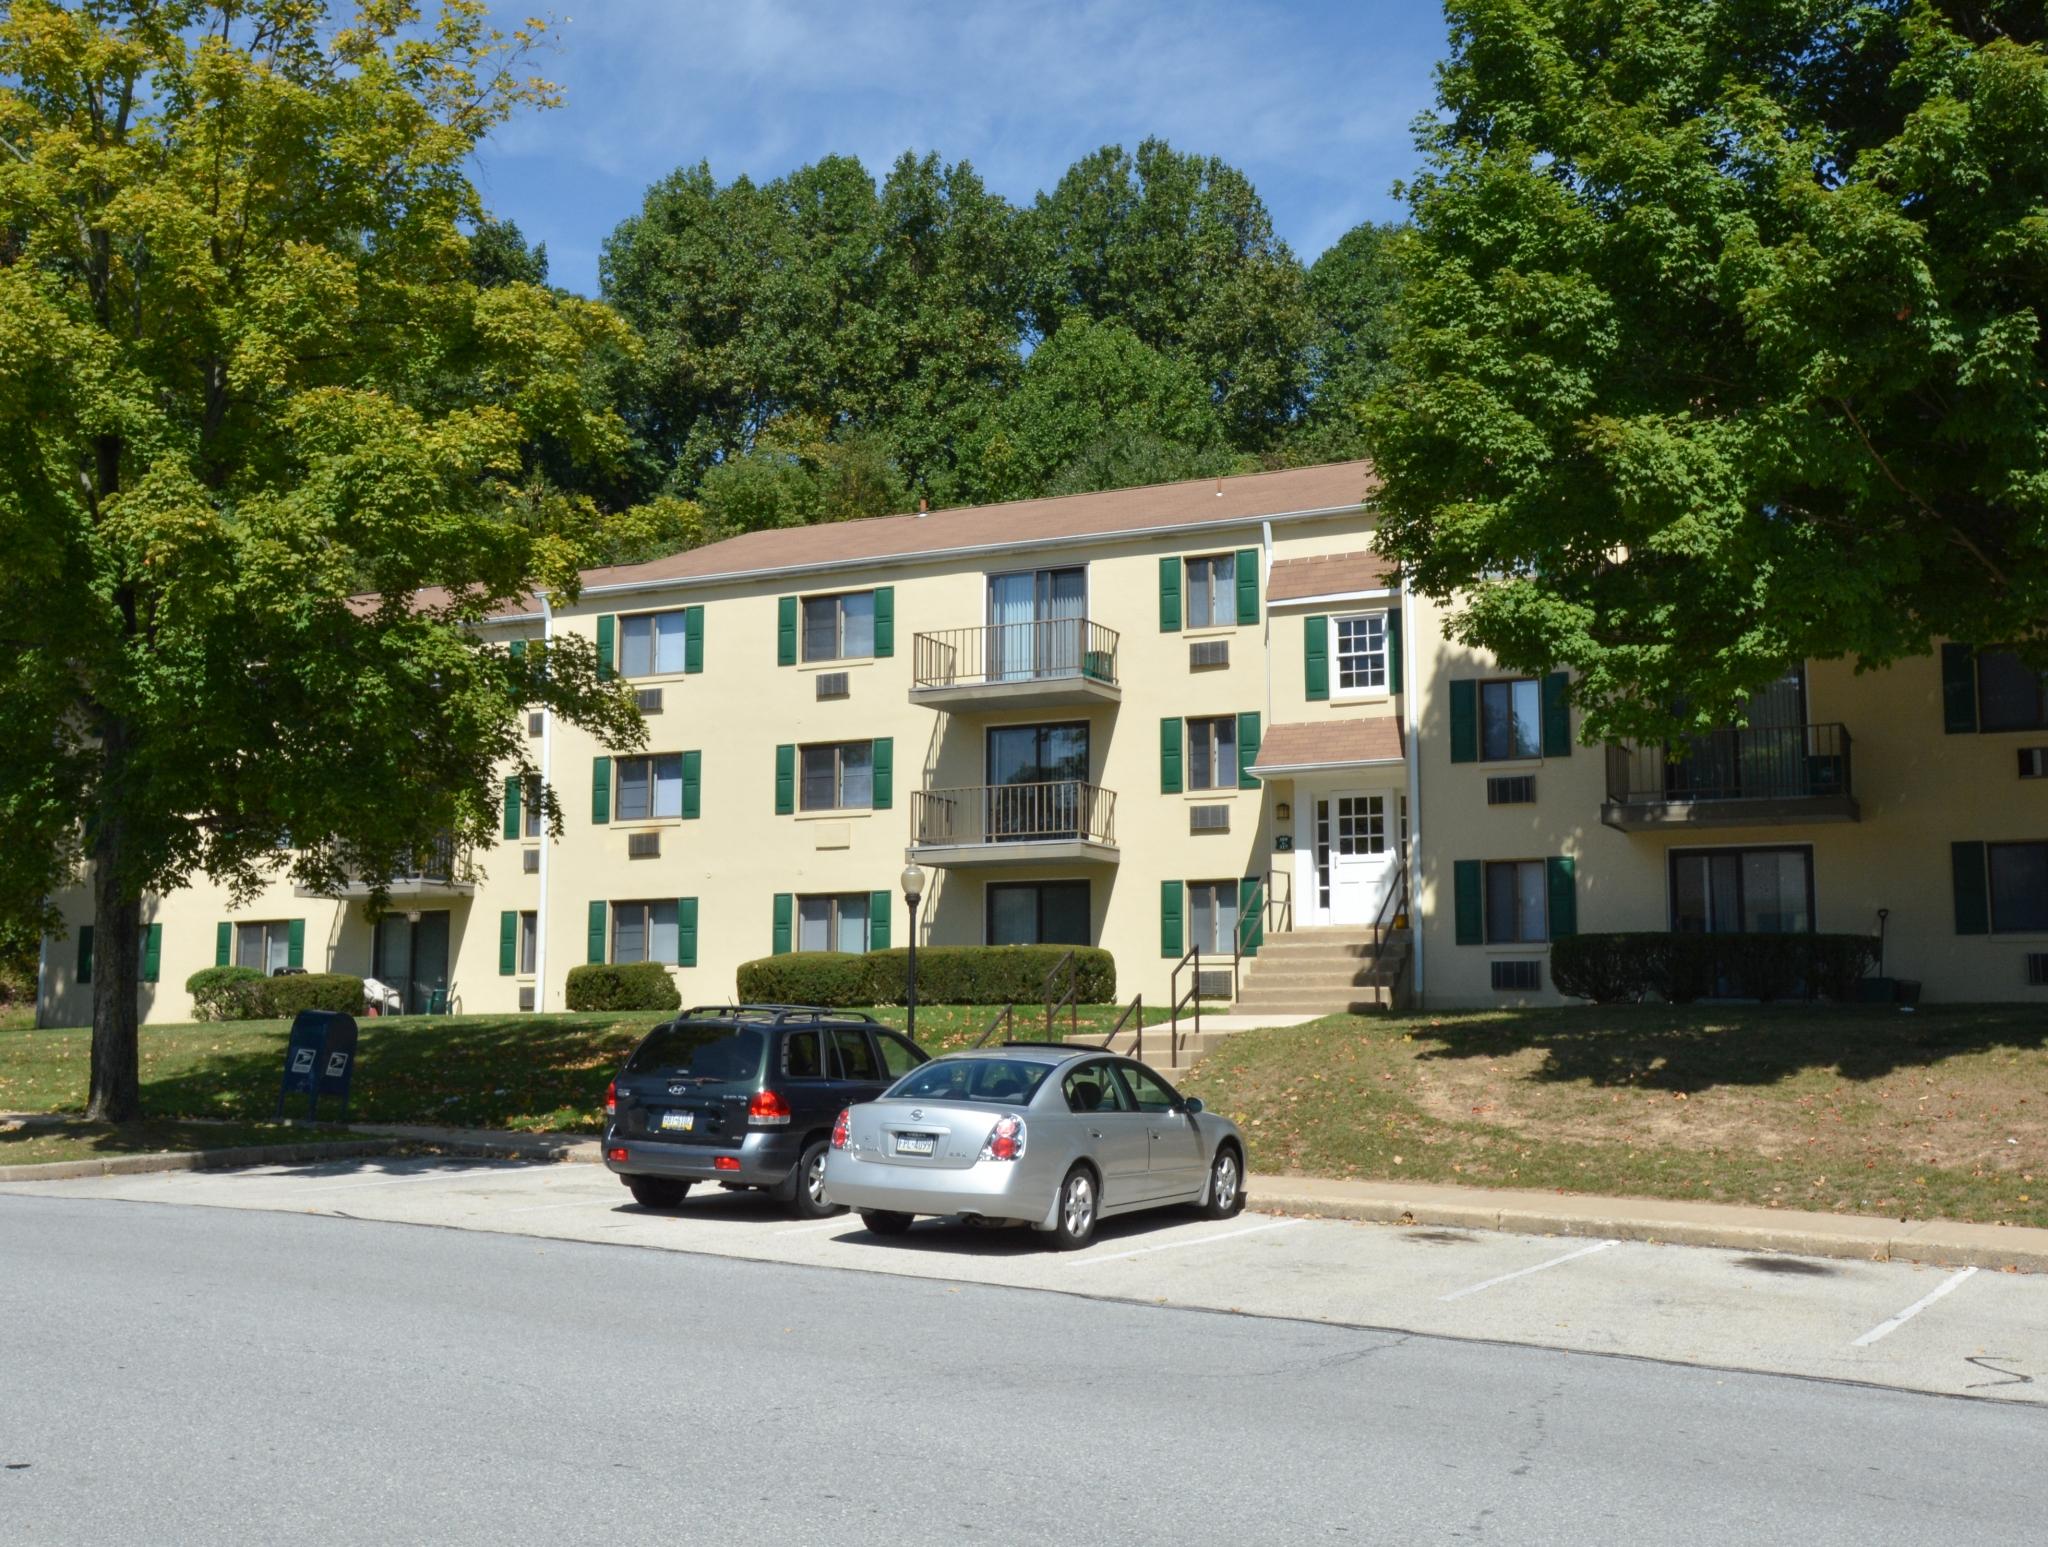 Norwood House Apartments image 1